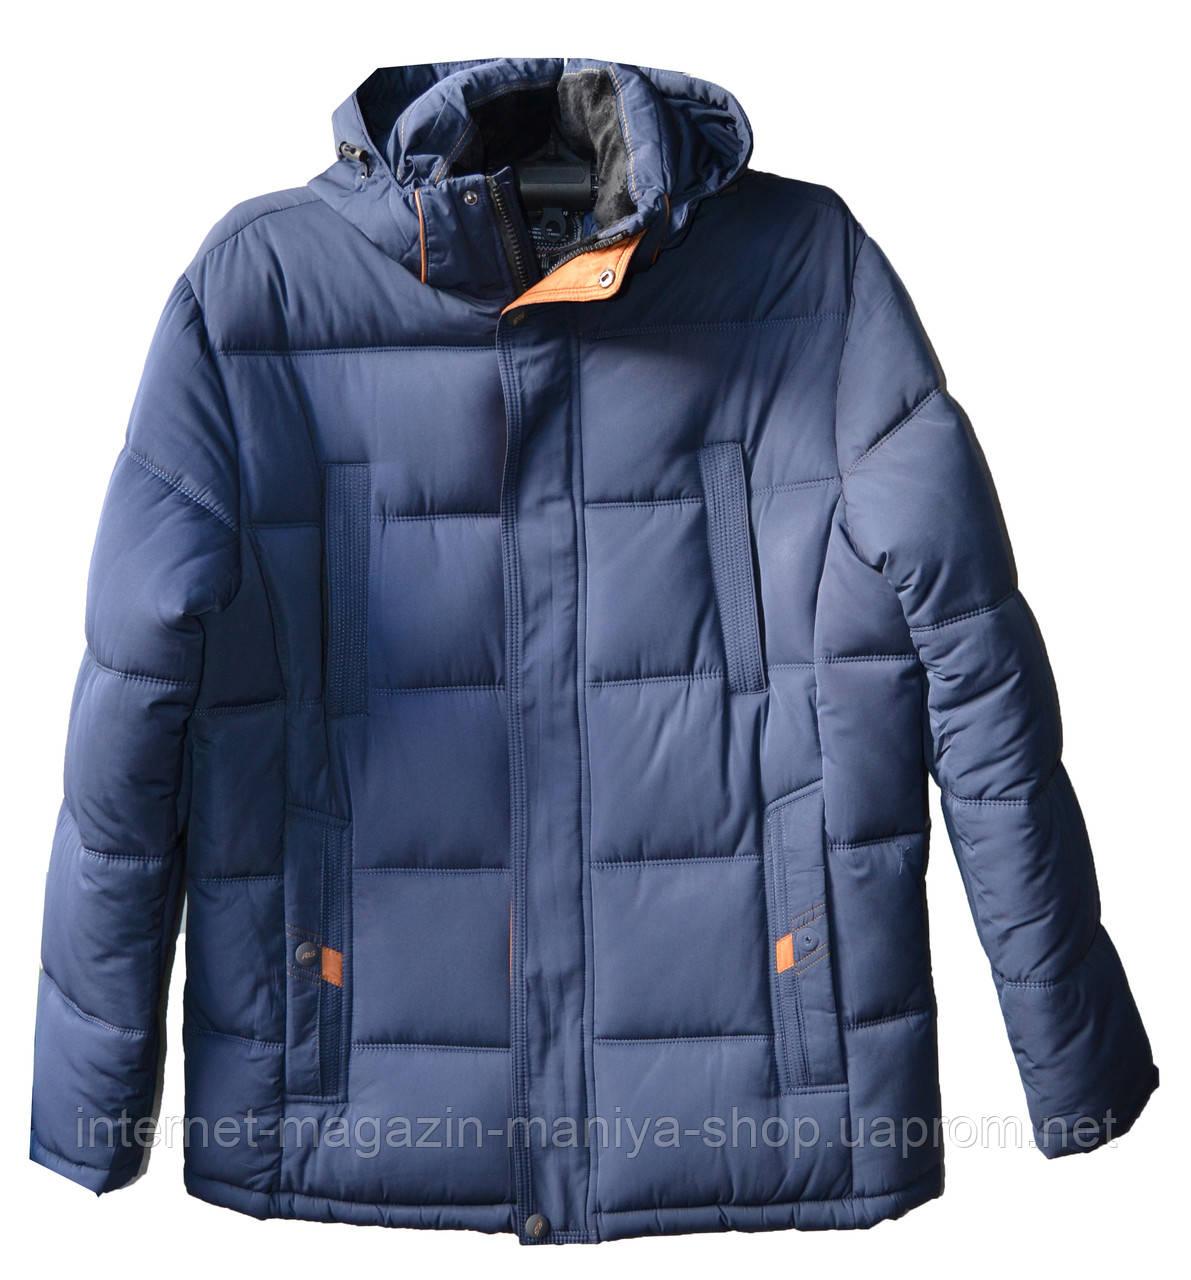 Куртка мужская теплая